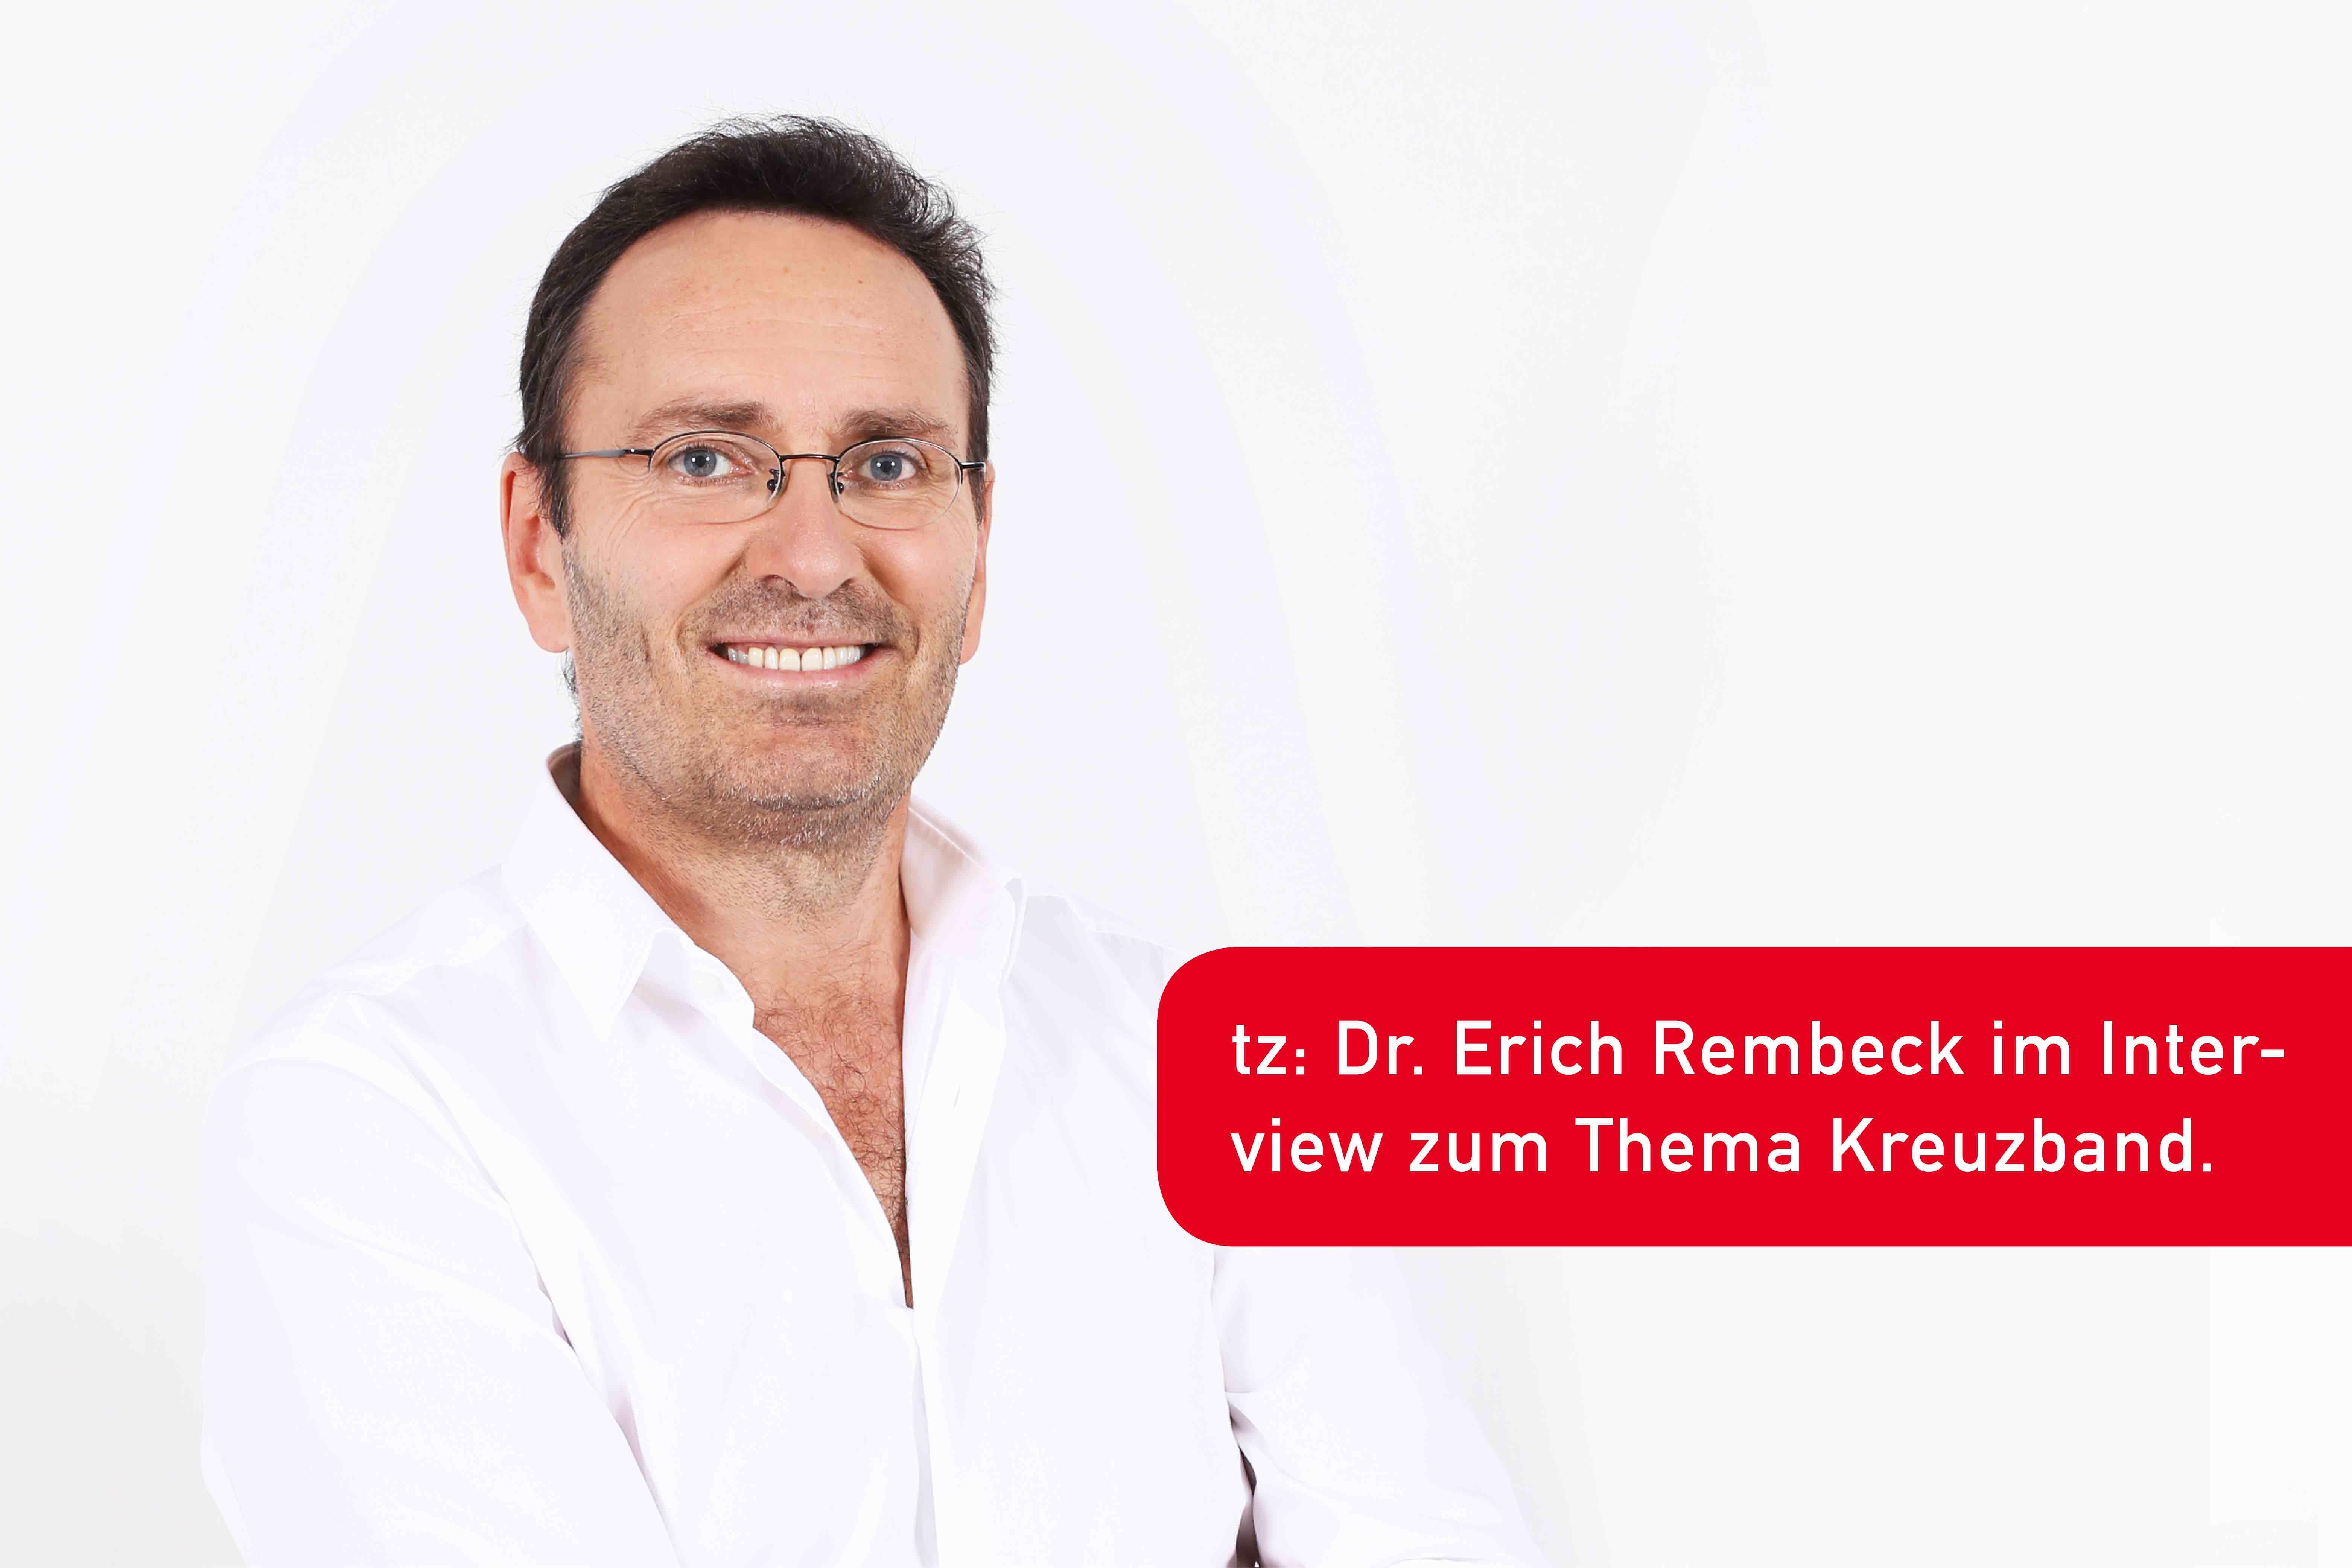 Dr. Erich Rembeck